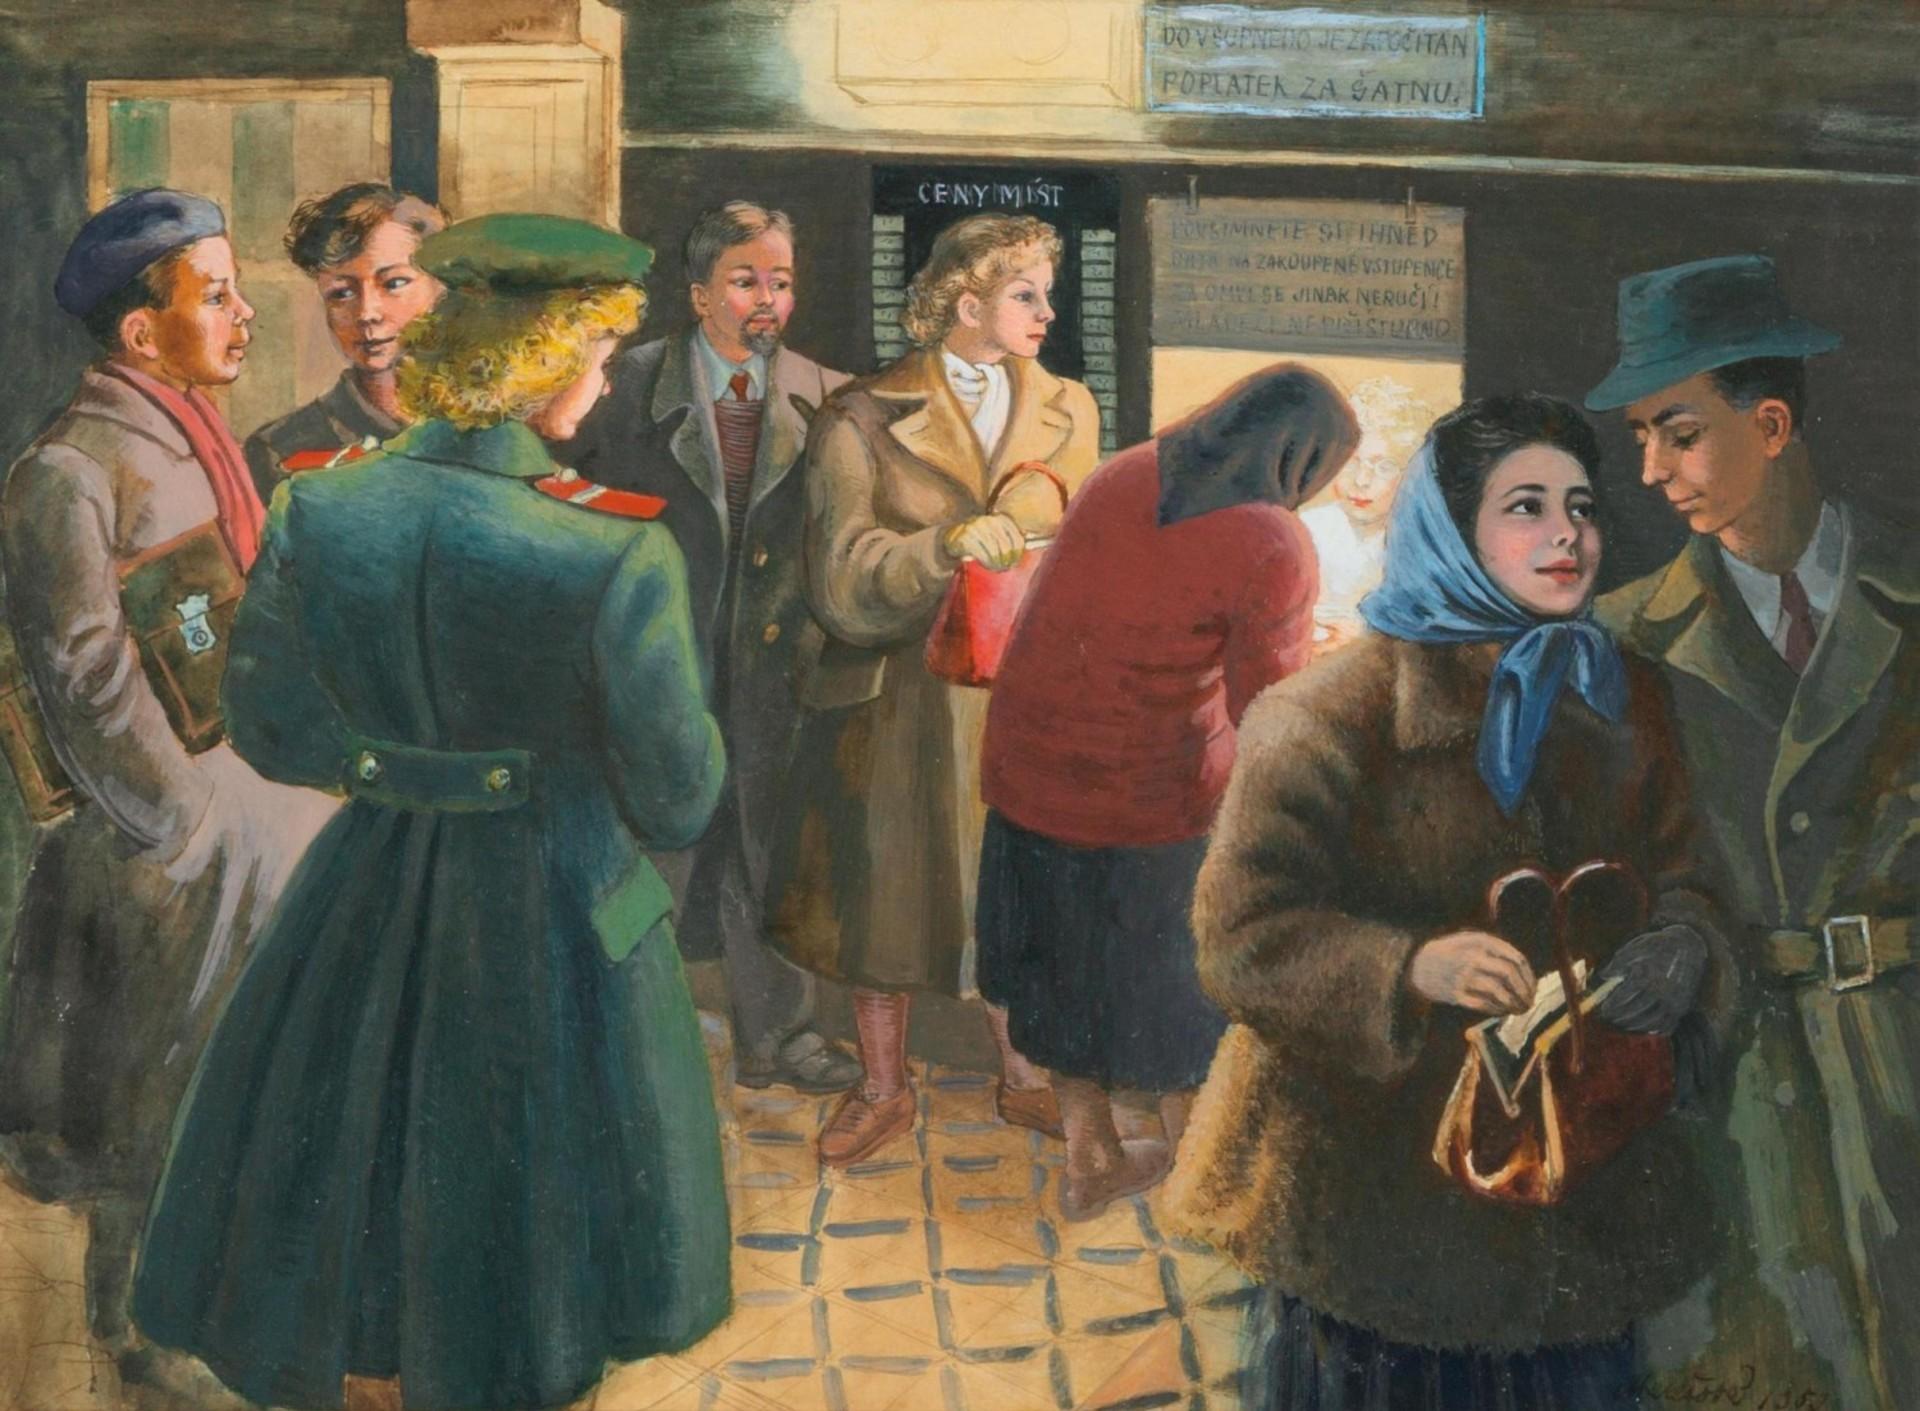 Milada Marešová: Pokladna kina, 1952